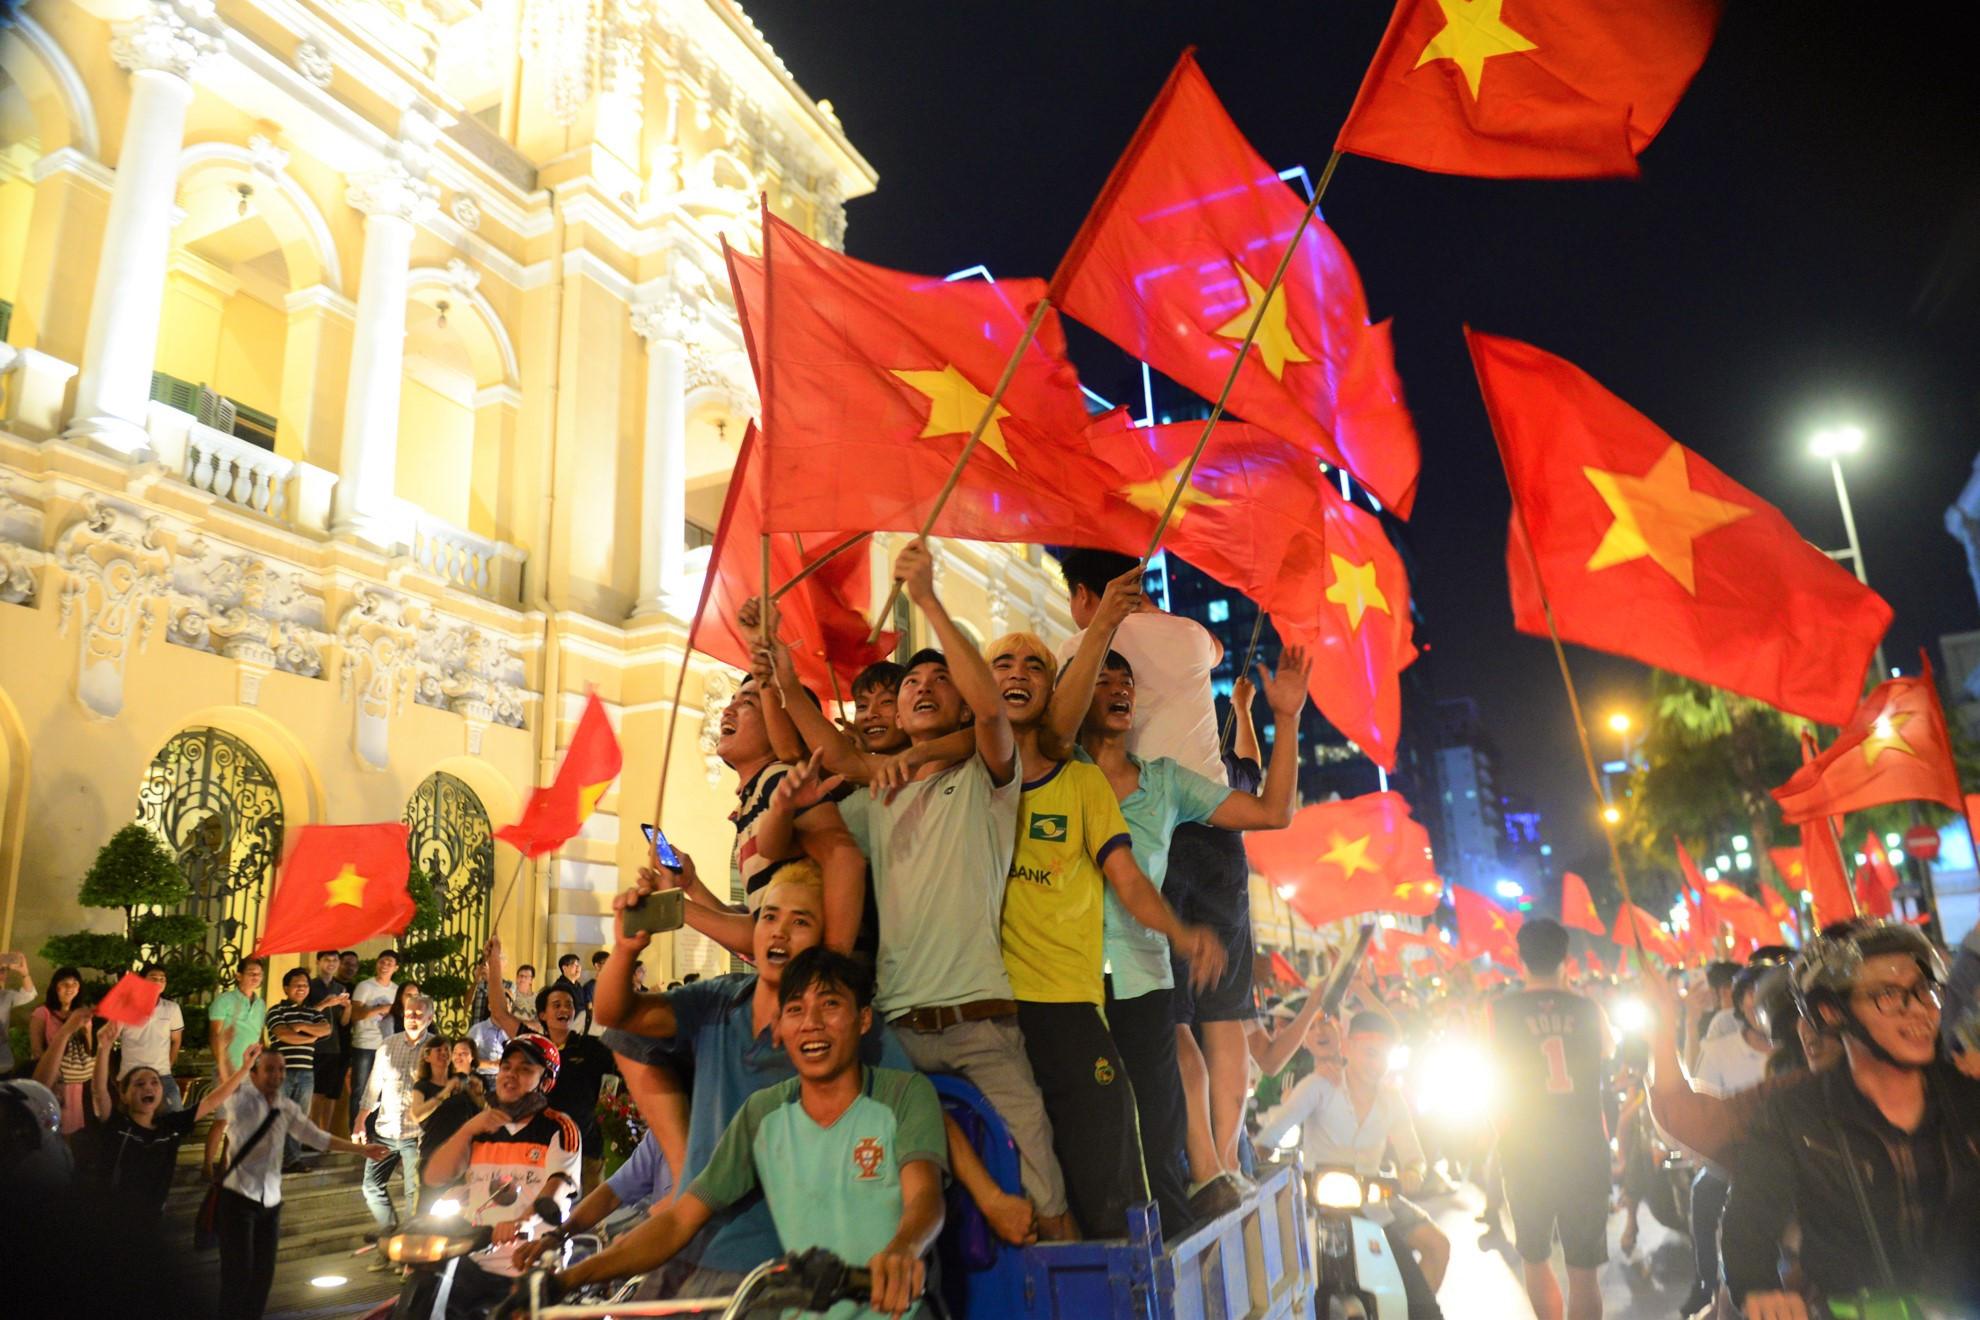 U23 Việt Nam vô địch trong tim cổ động viên dù chưa đá trận chung kết